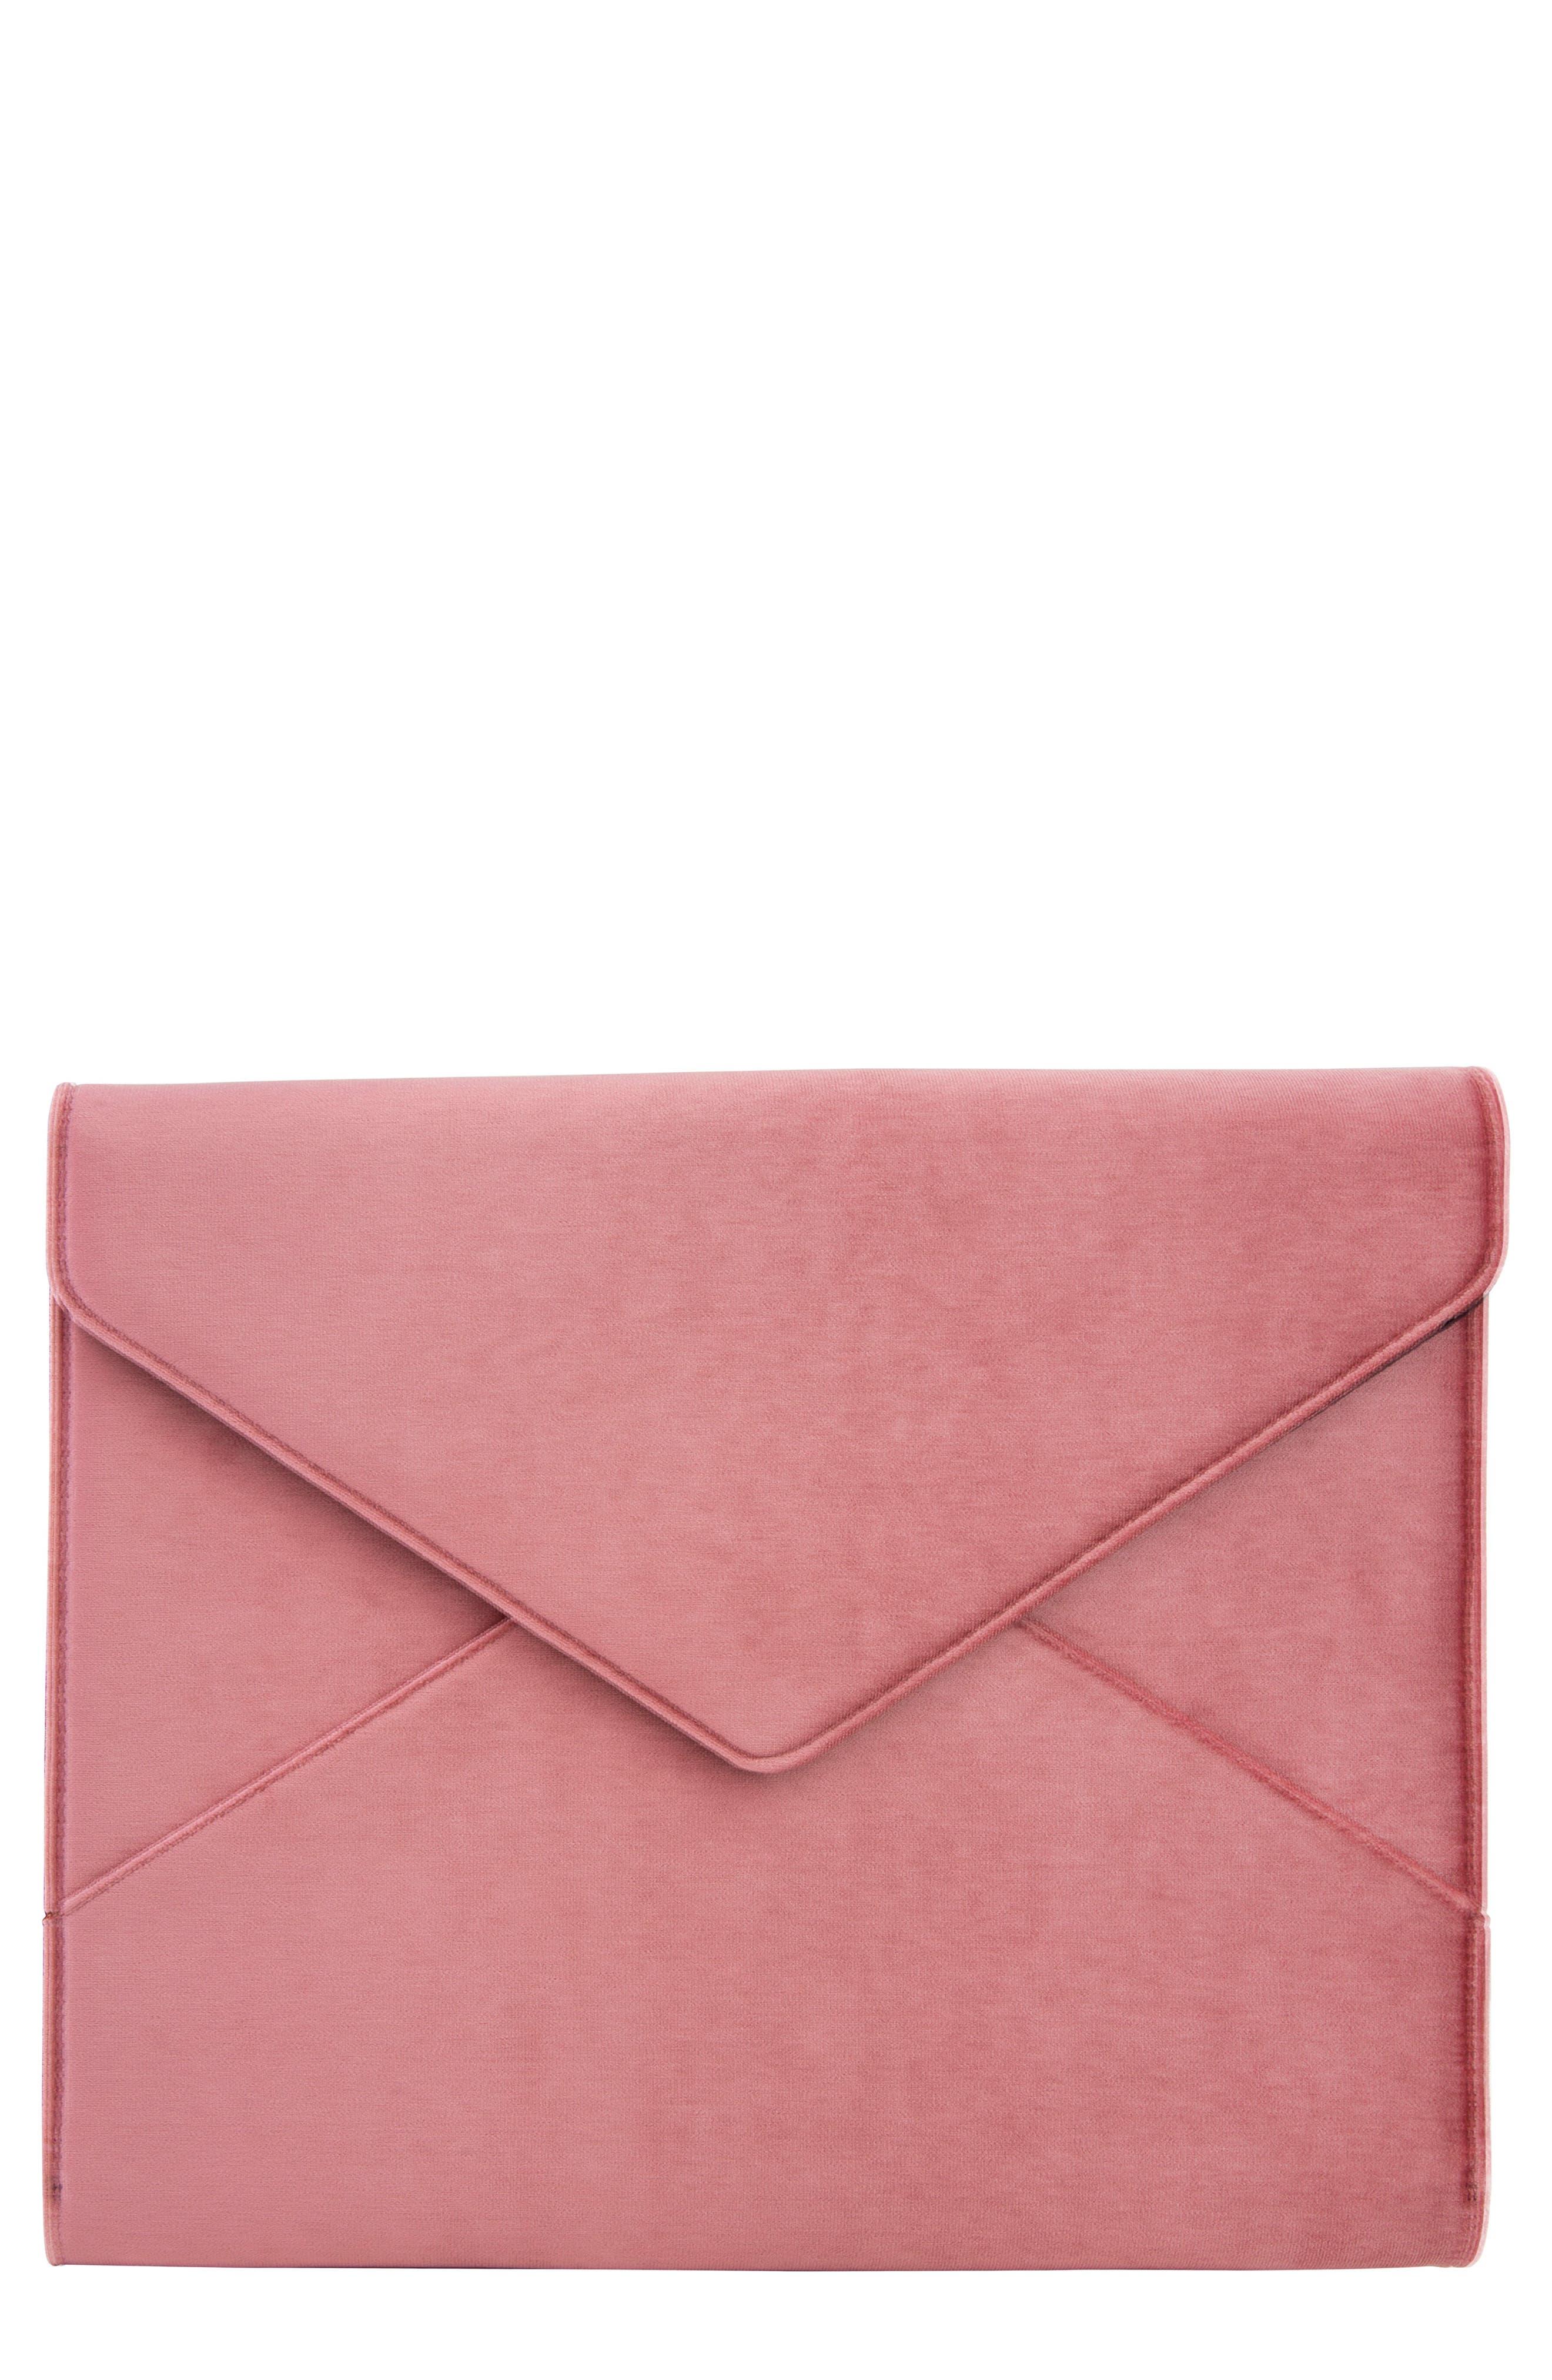 Rose Velvet Laptop Clutch - Pink